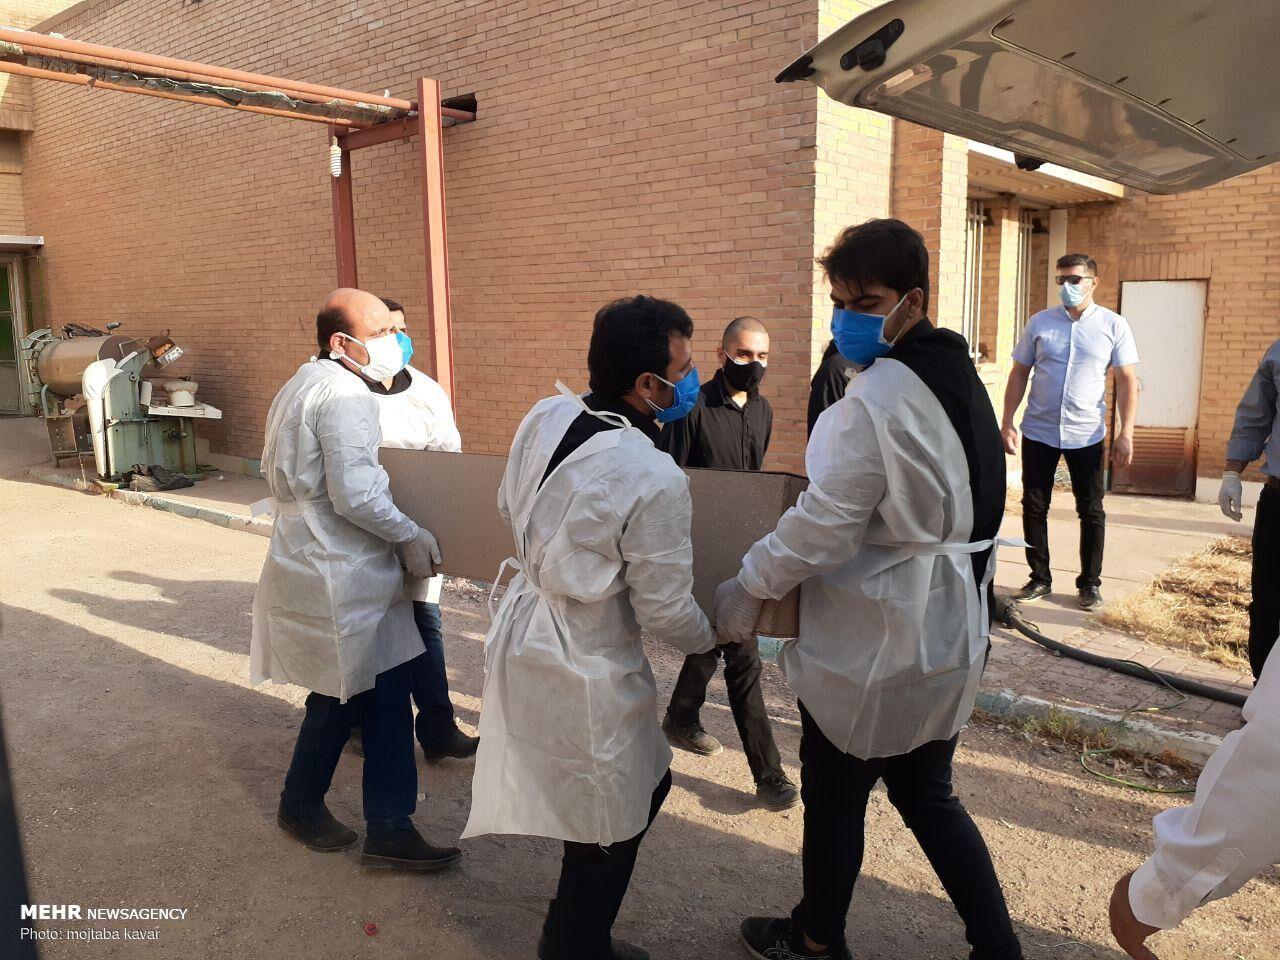 تصویری ناگوار از تشییع دومین شهید مدافع سلامت در دهلران